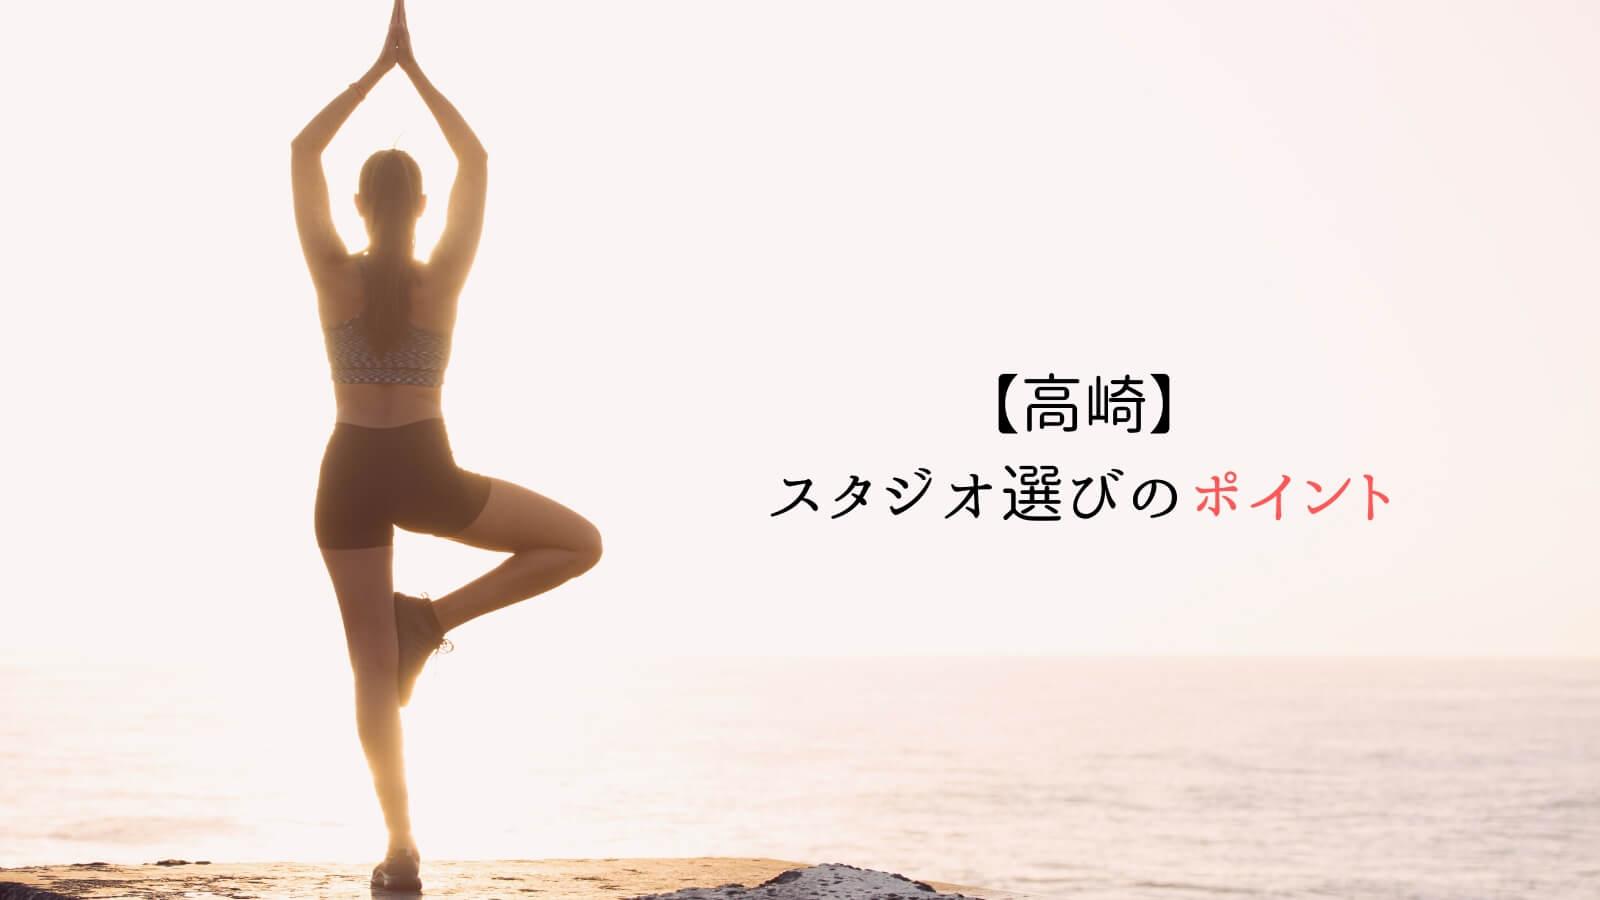 高崎のヨガ・ホットヨガスタジオ選びのポイント